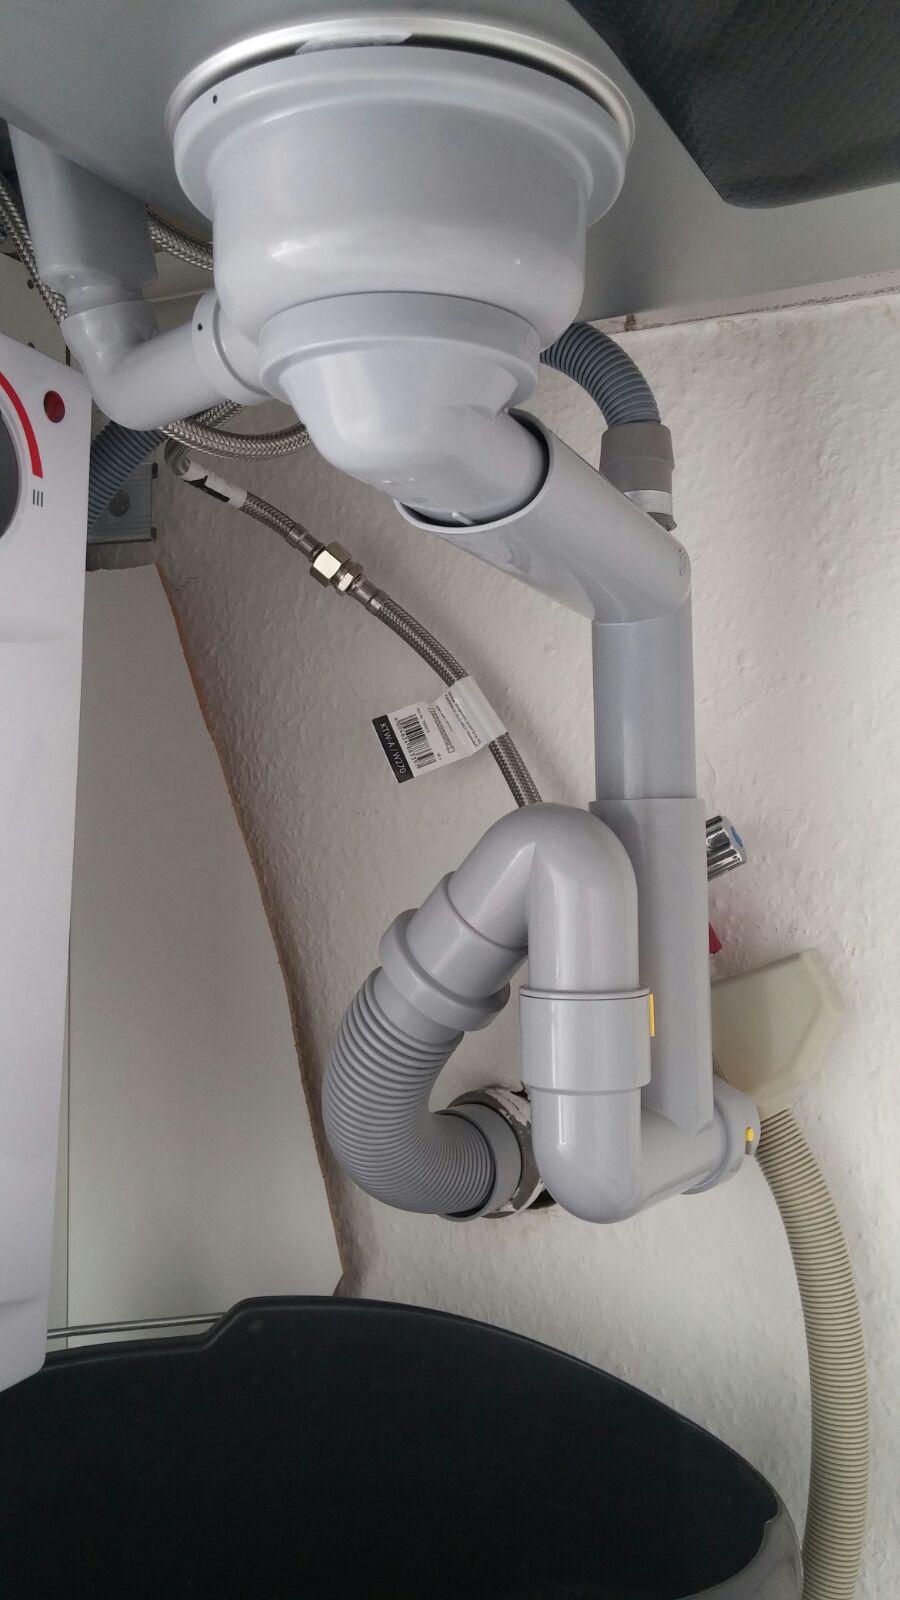 Fabulous Siphon IKEA - Wasser läuft langsam ab - HaustechnikDialog MC92